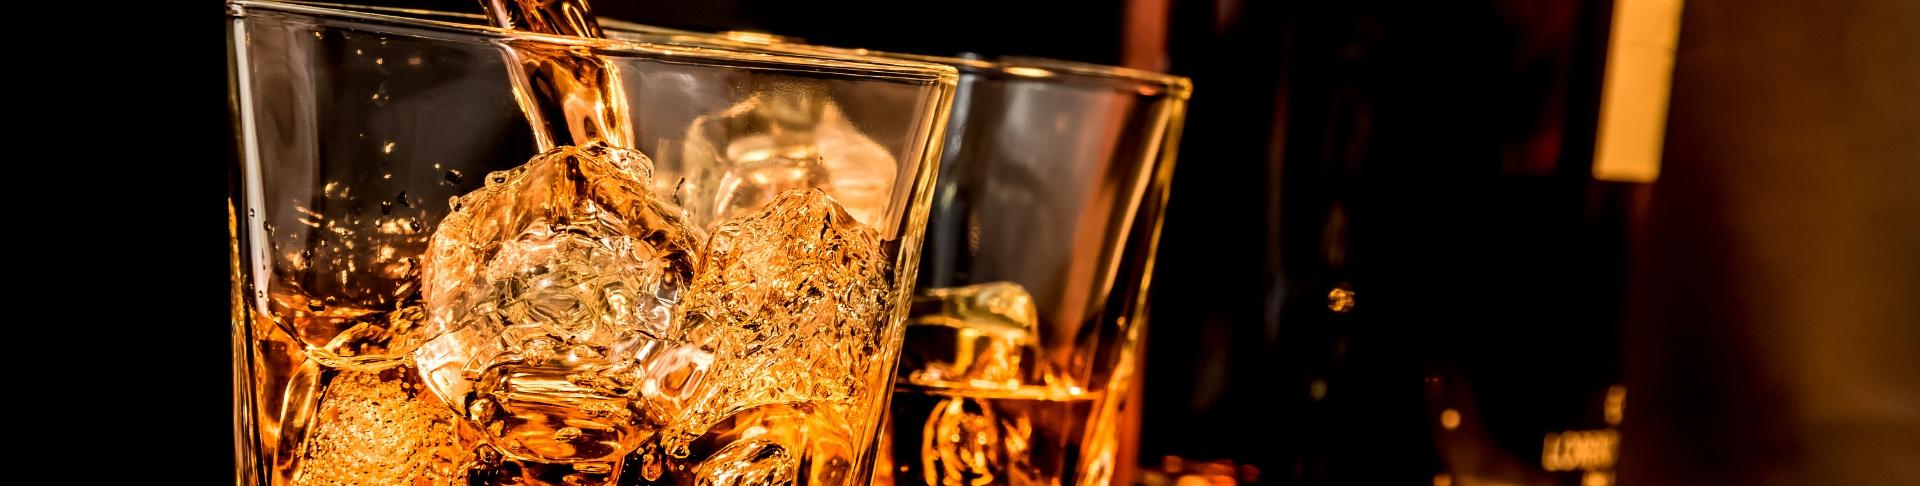 Achat groupé des Whiskies